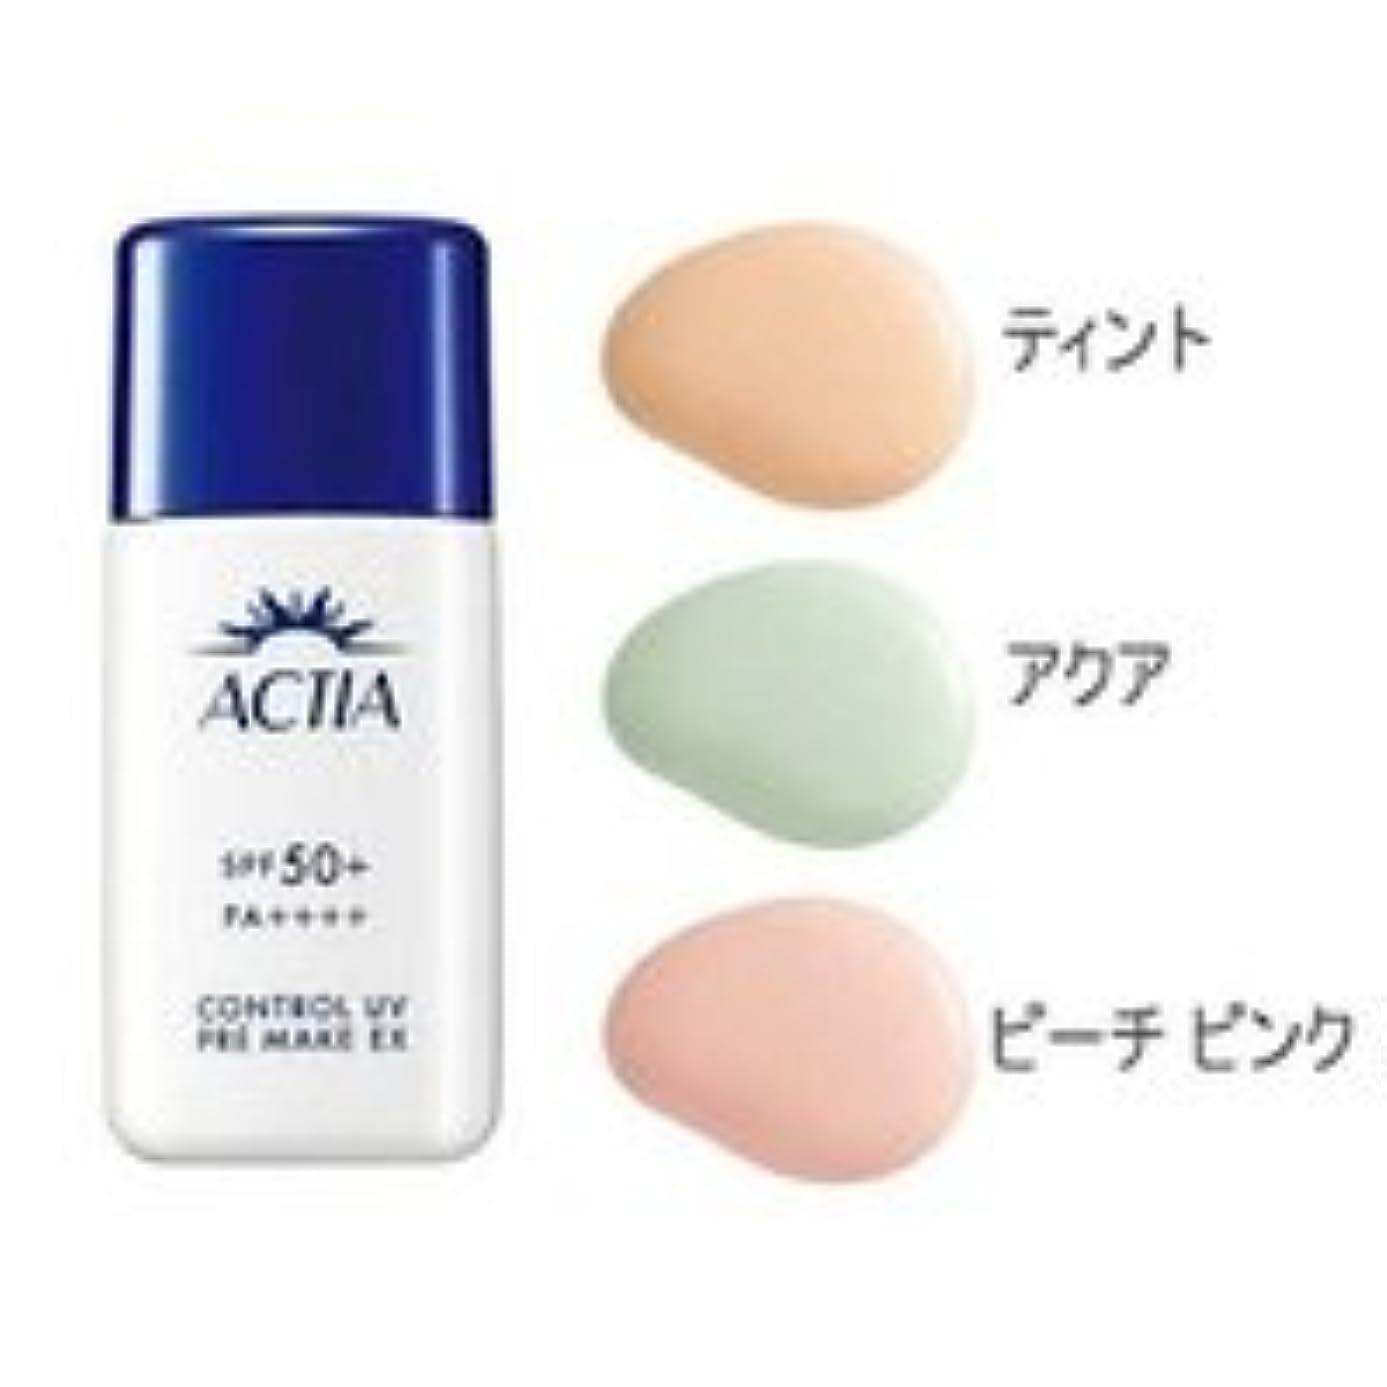 有罪時々時々引数エイボン (AVON) アクティア コントロール UV プレメイク EX 30ml (アクア)